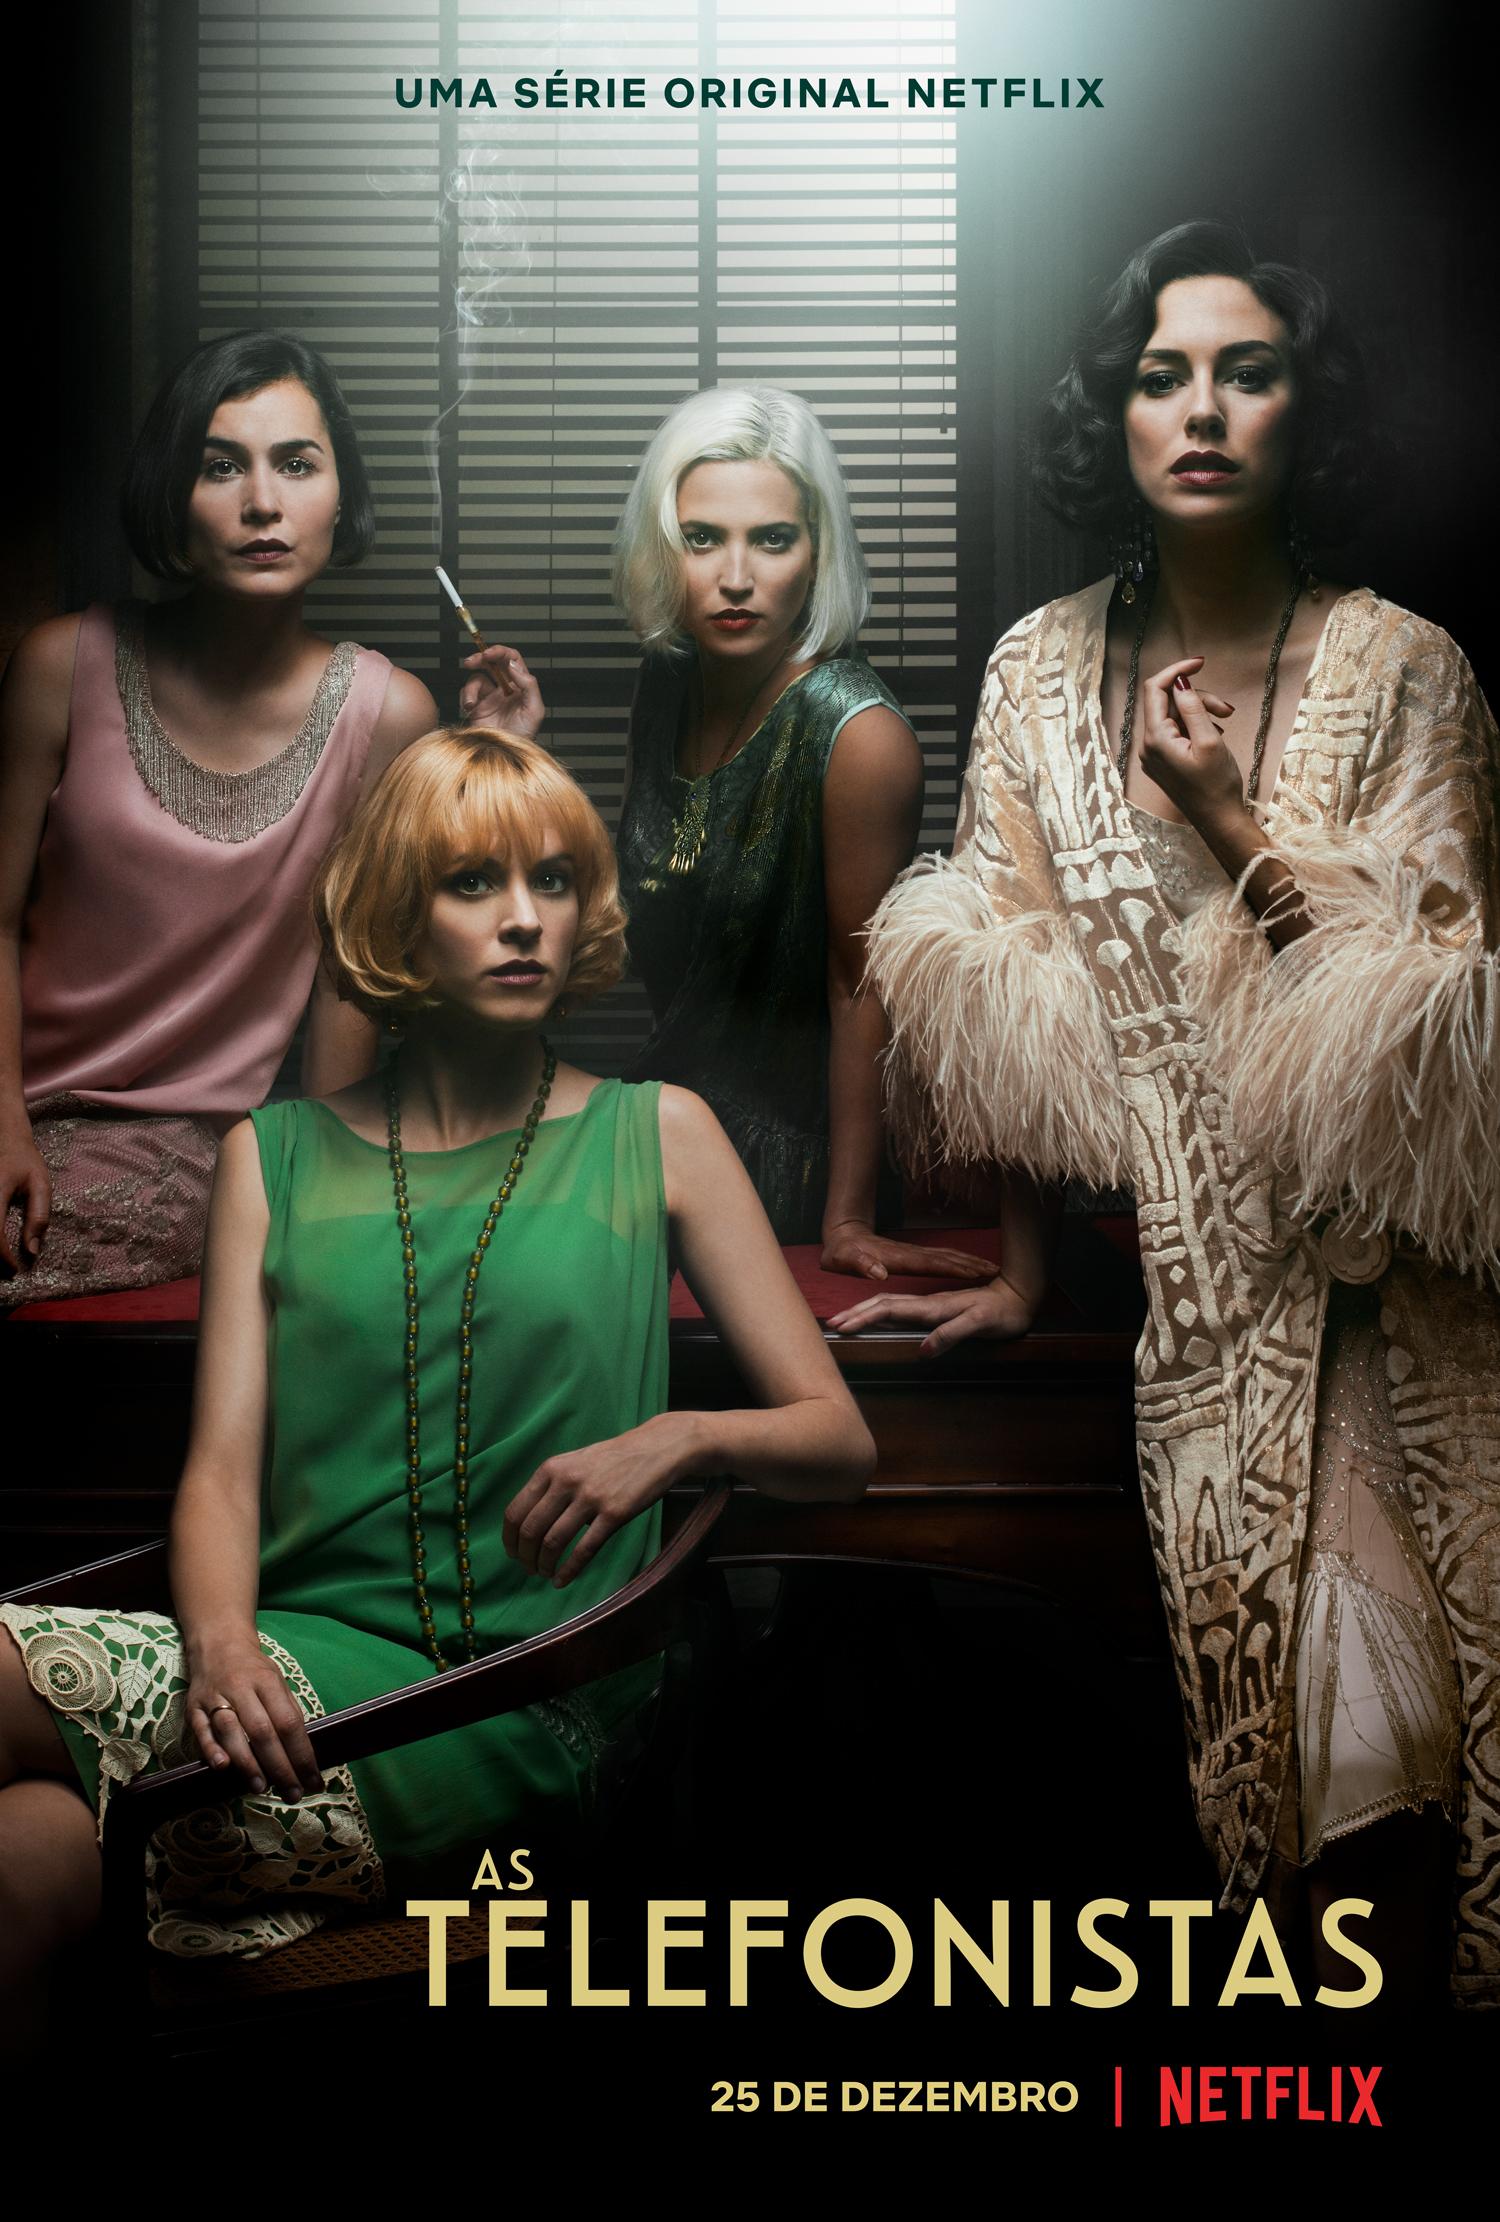 Arte oficial da 2ª temporada de As Telefonistas (Las Chicas Del Cable) na Netflix